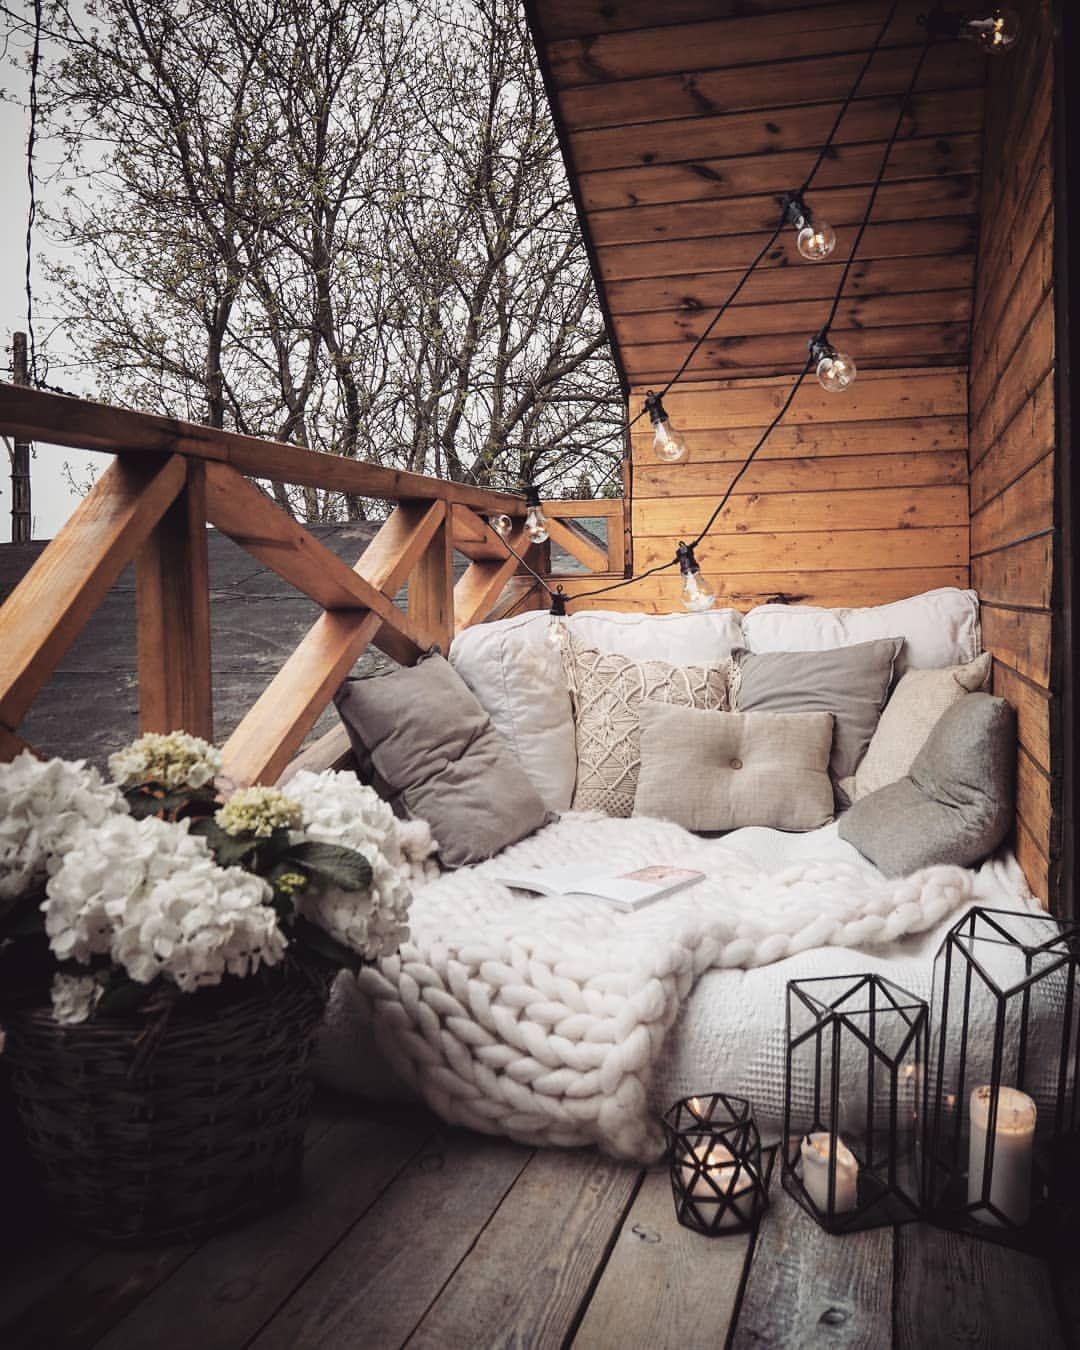 Our Cozy Spot Is Back Sezon Na Lezanki Uznajemy Za Otwarty Pogoda Postanowila Jednak Z Nas Zakpic I Zacz With Images Balcony Decor Outdoor Reading Nooks Apartment Decor